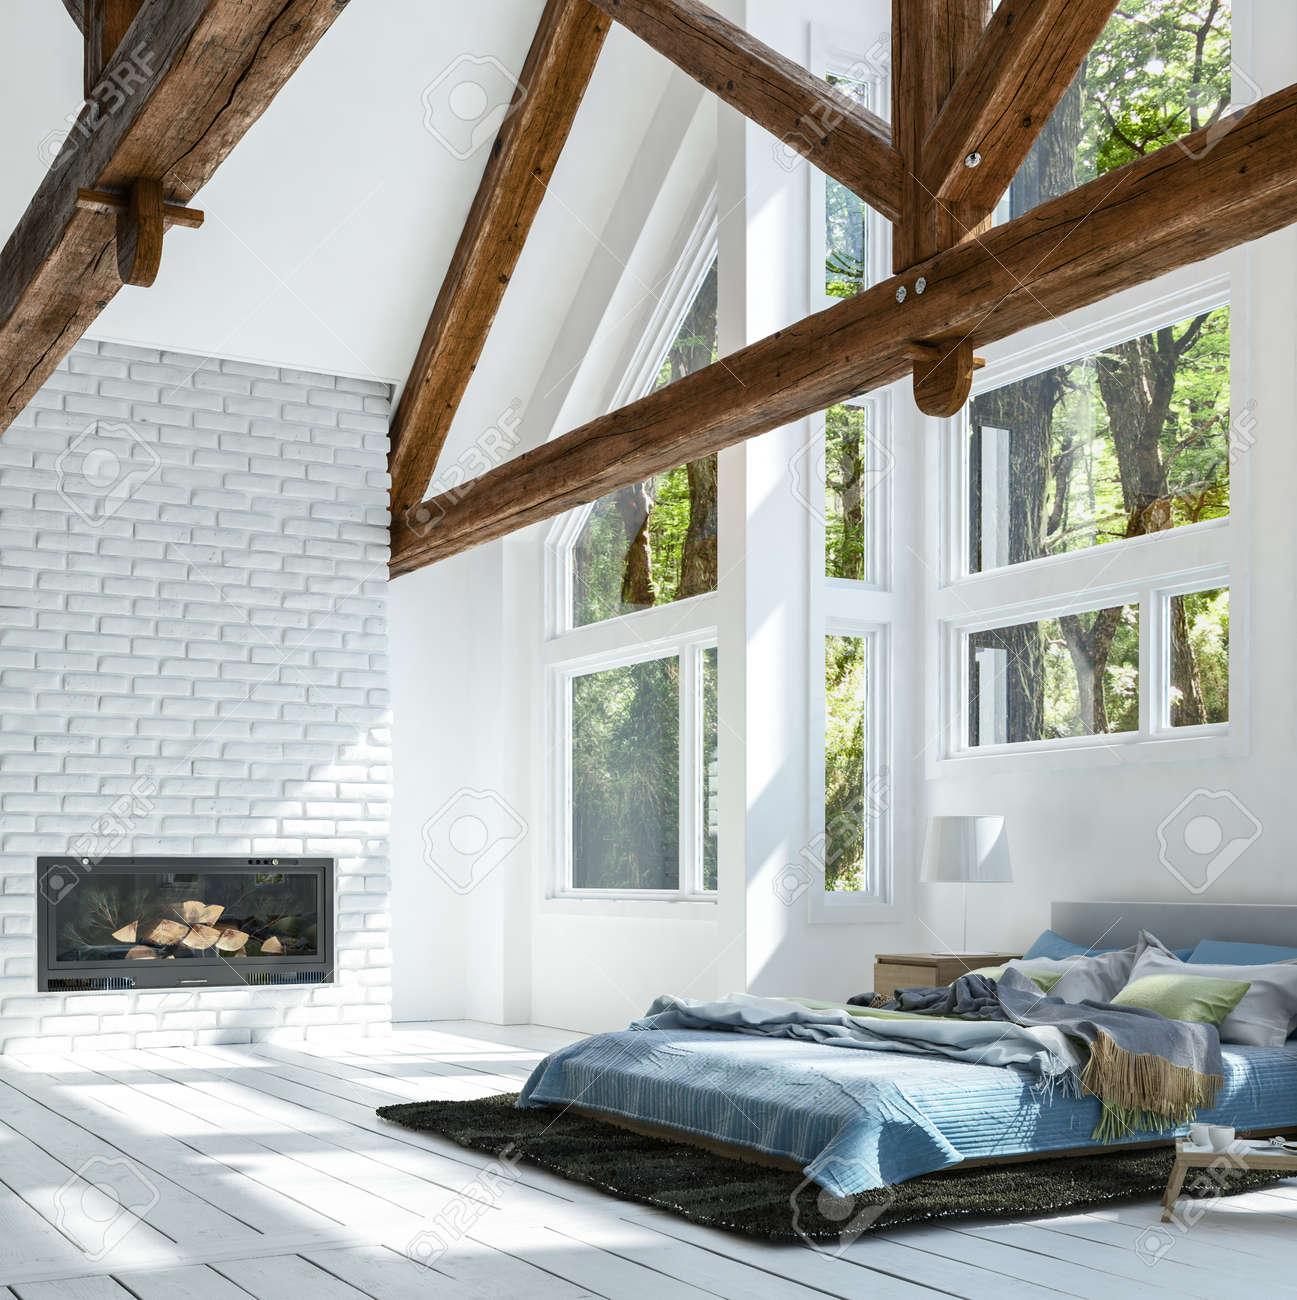 Cama Grande En El Suelo Blanco En La Habitación Luminosa, Con Vigas ...